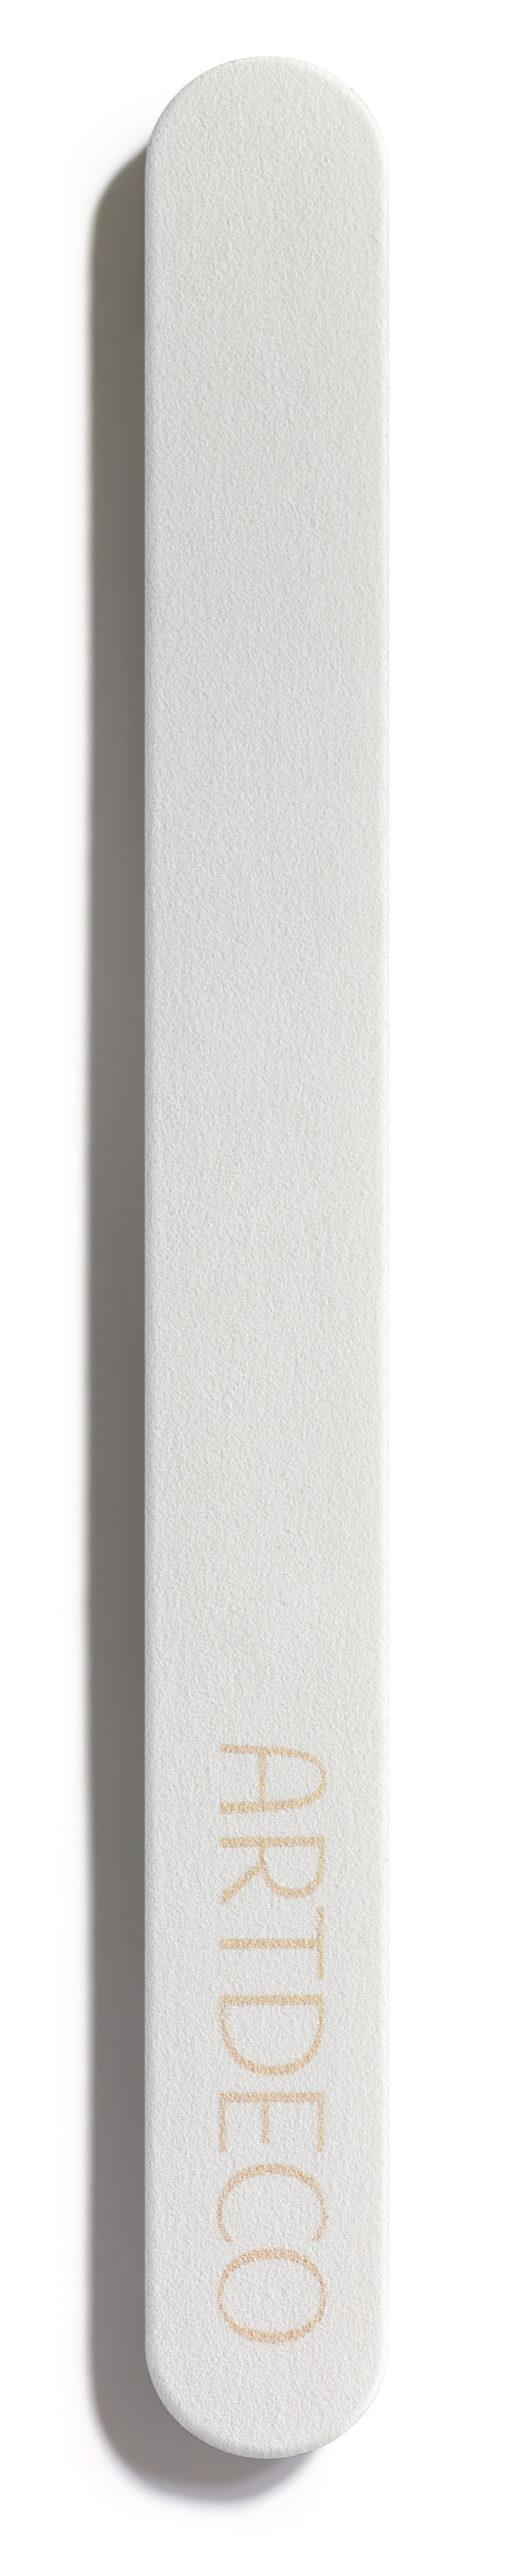 ARTDECO Special File for Dry Nails: Zum Kürzen trockener, brüchiger Nägel sollte die Special File for Dry Nails verwendet werden. Diese hat einen flexiblen Kunststoffkern und eine besonders feine Körnung…